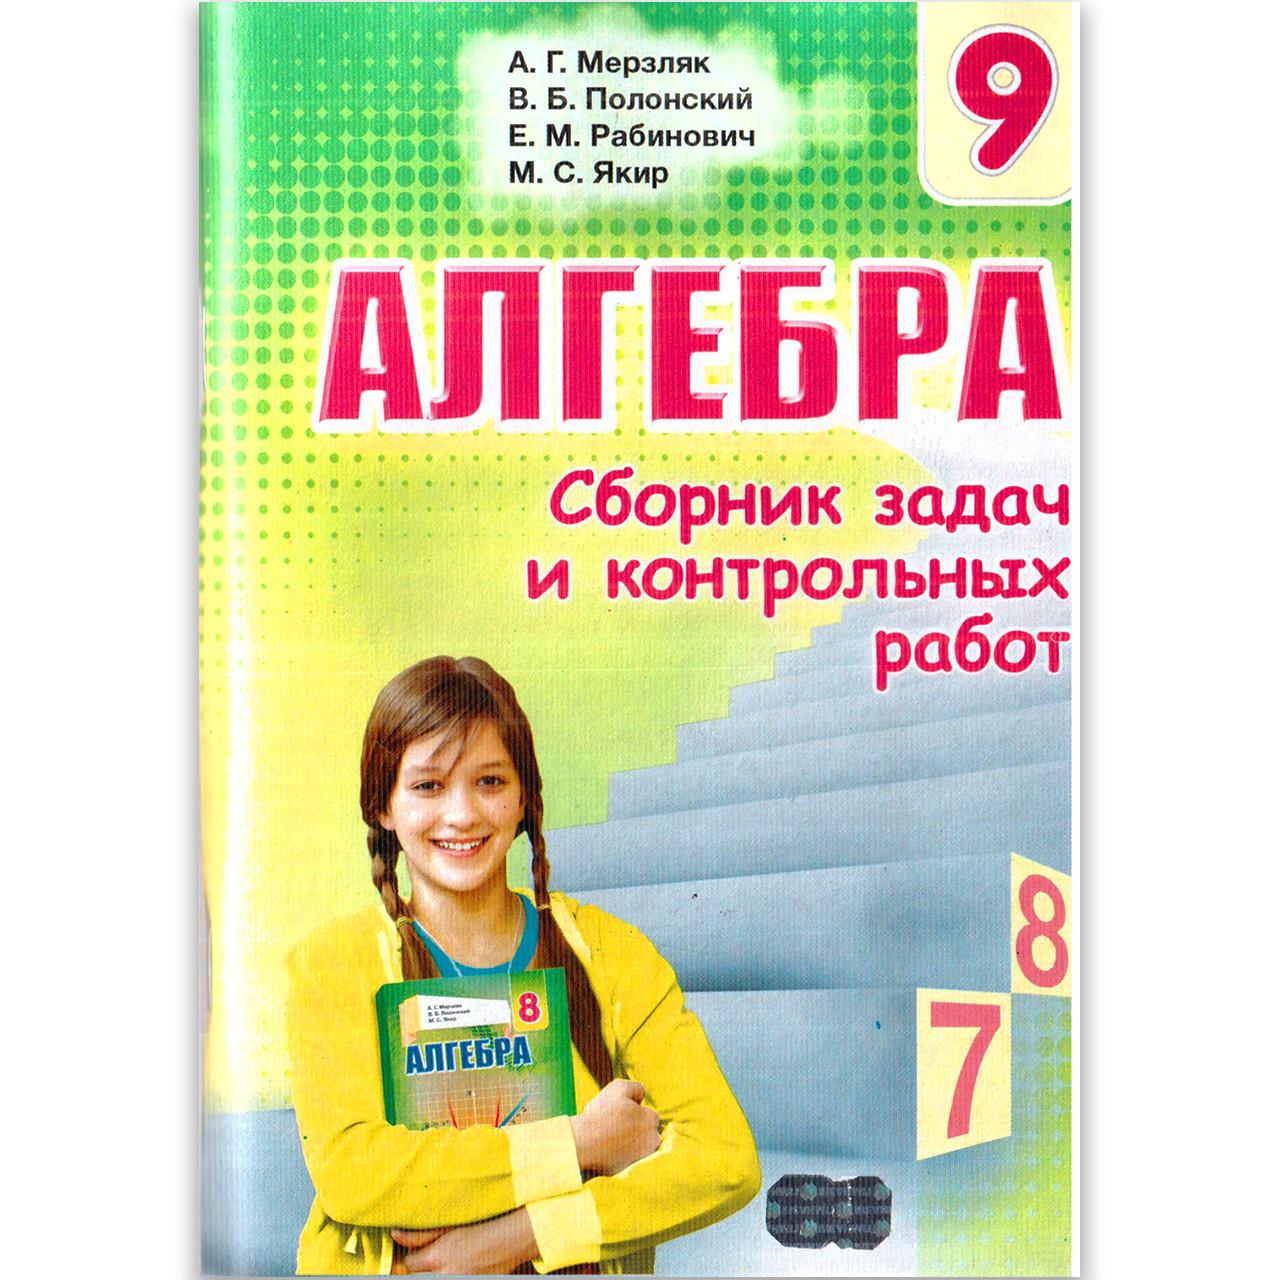 Алгебра 9 класс Сборник задач и контрольных работ Авт: Мерзляк А. Изд: Гімназія